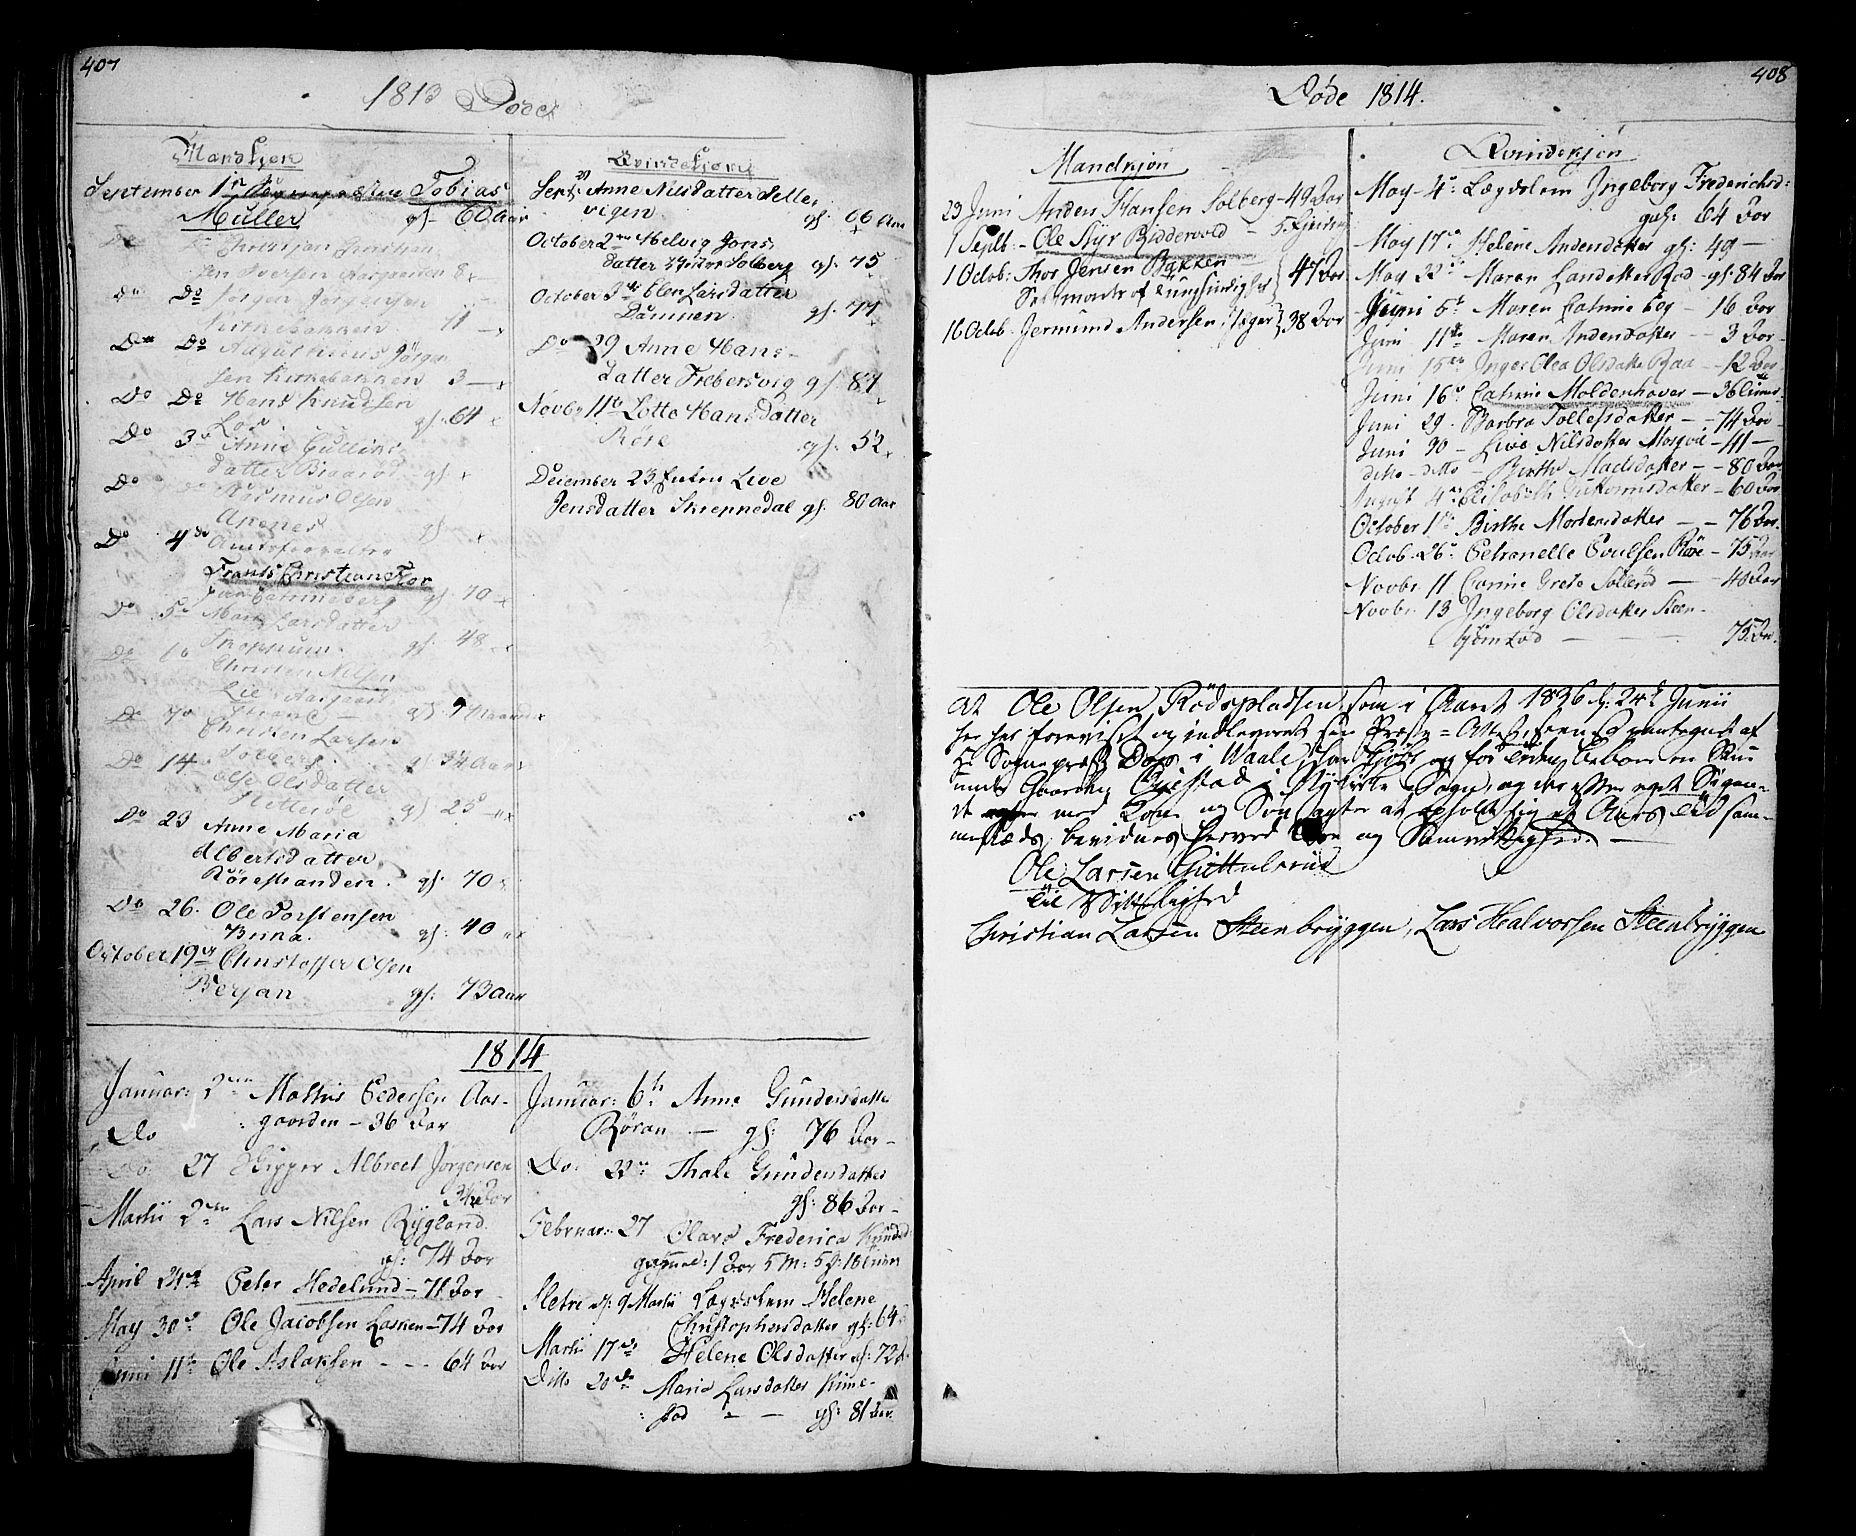 SAKO, Borre kirkebøker, F/Fa/L0003: Ministerialbok nr. I 3, 1807-1814, s. 407-408